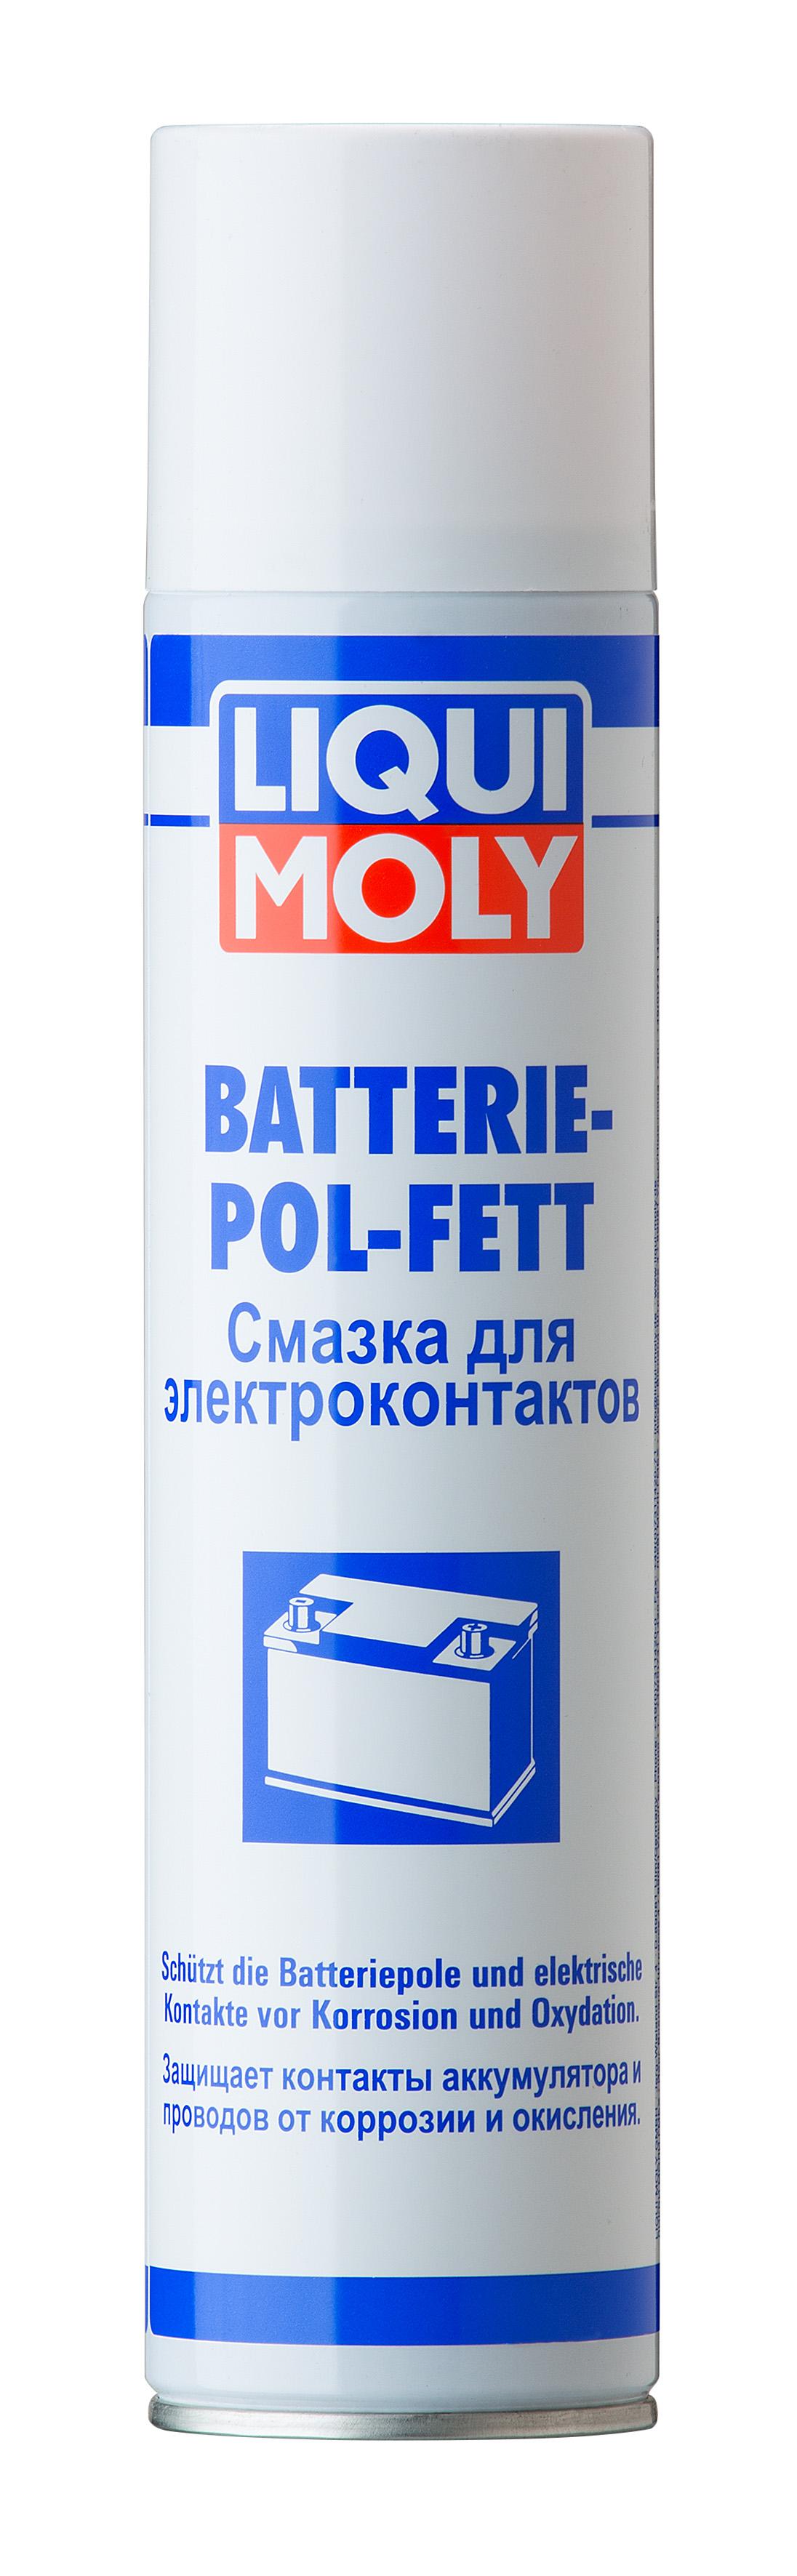 Смазка для электроконтактов Batterie-Pol-Fett